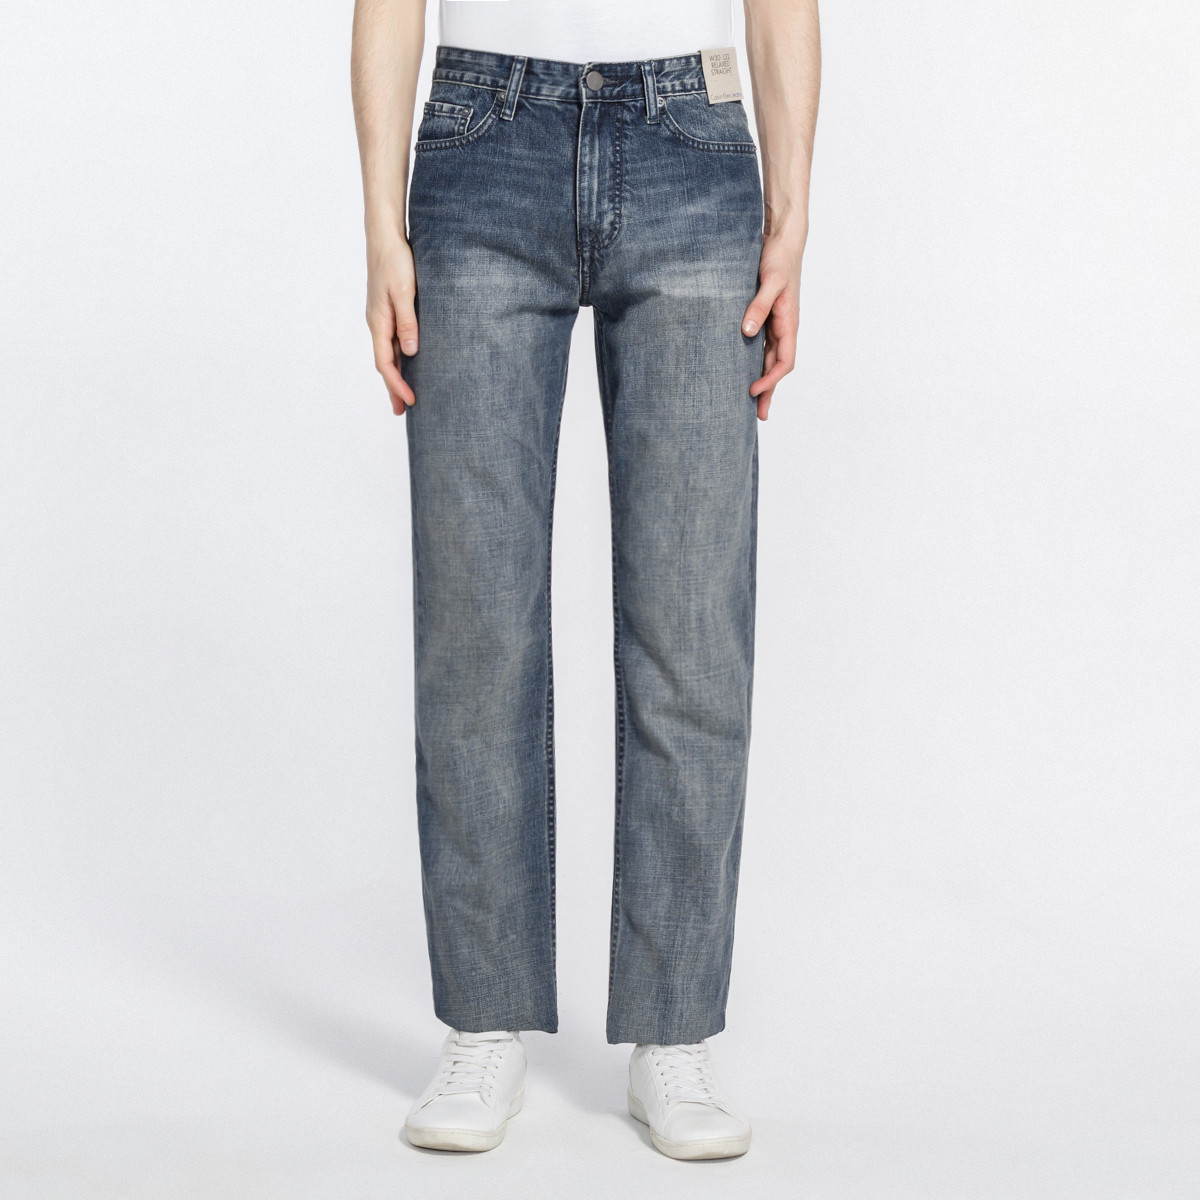 Calvin Klein 卡尔文·克莱 41BA860 男式直筒牛仔裤